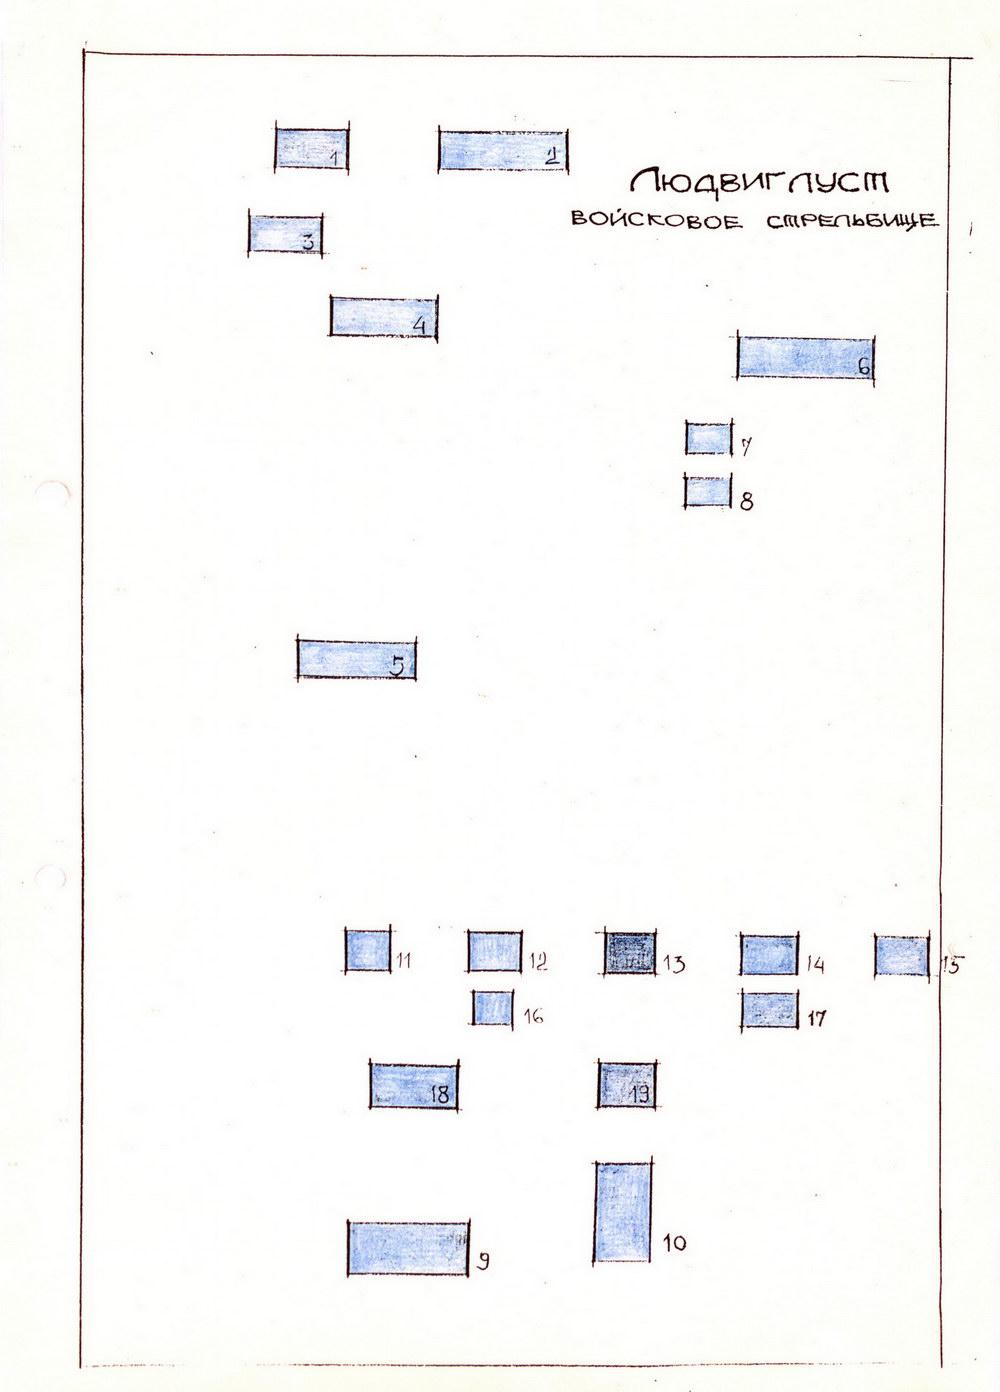 http://www.sowjetische-militaerstandorte-in-deutschland.de/documents/2018/BArch/SW_32_SK_BW55-251.jpg